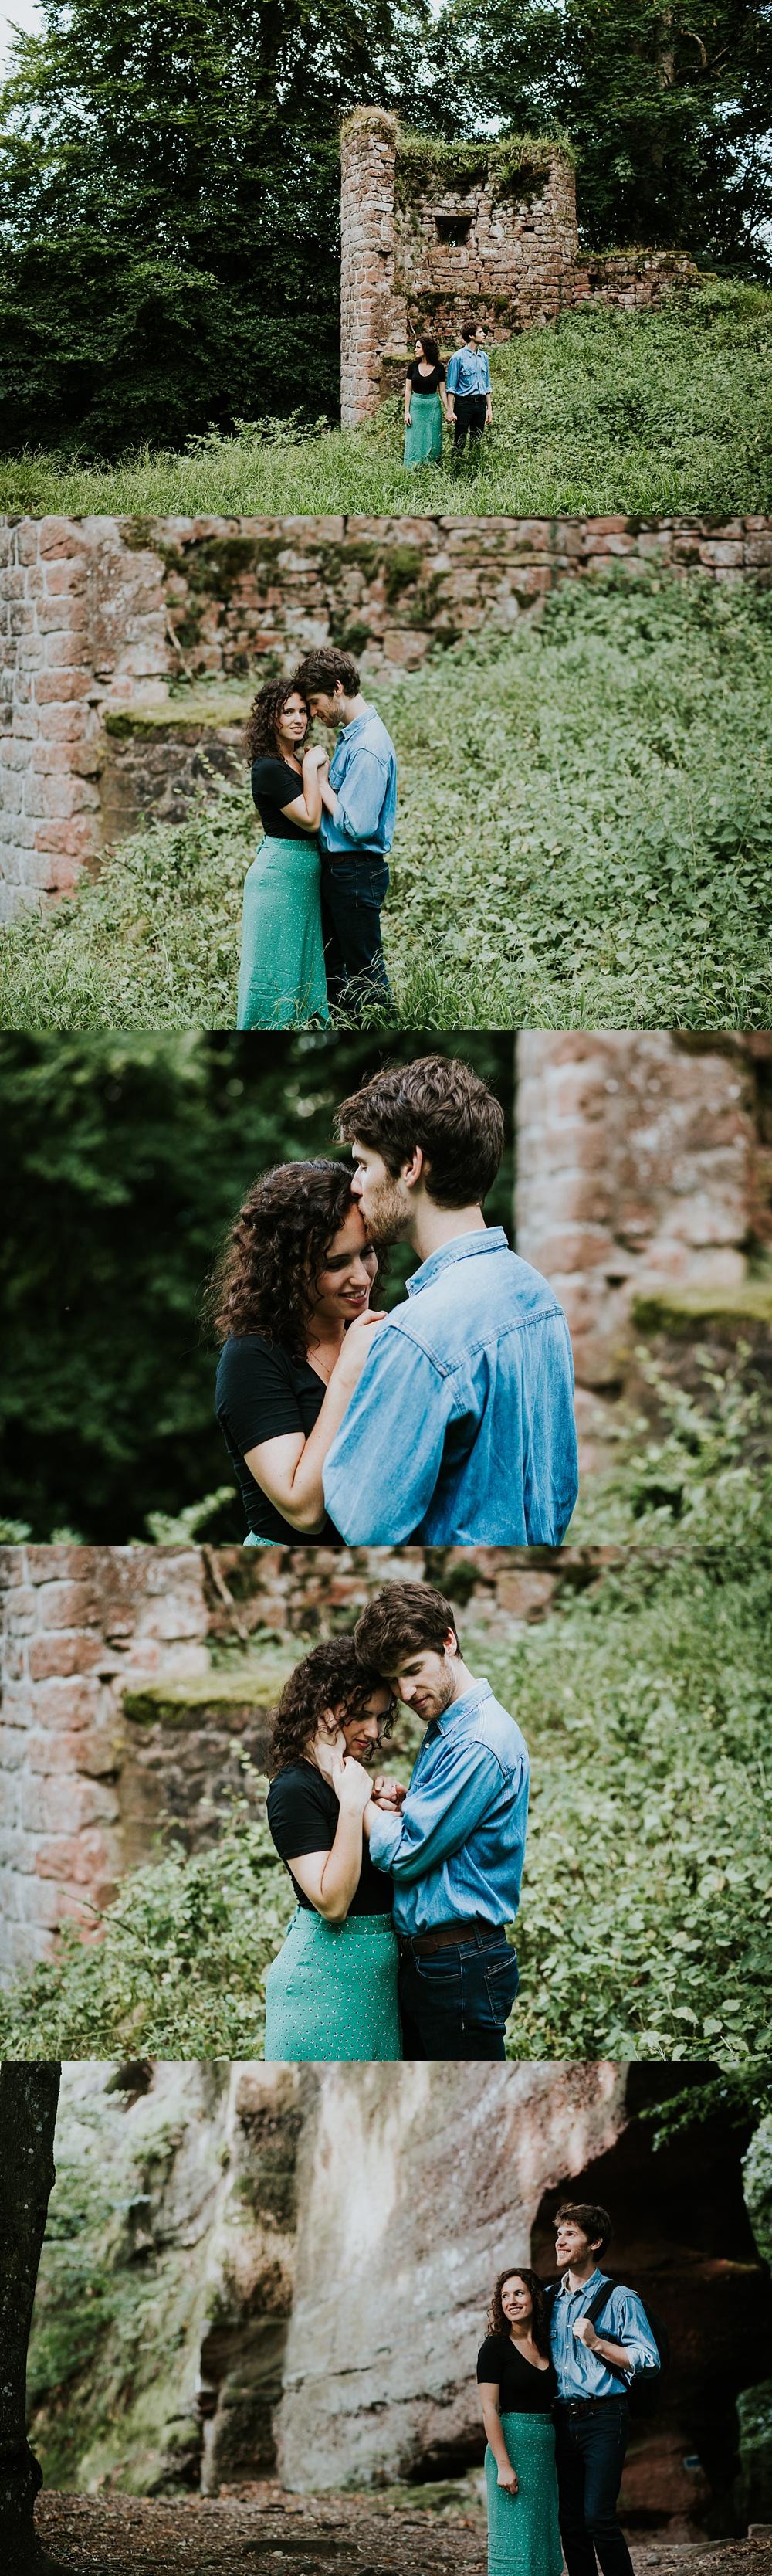 Séance Engagement Photographe mariage Alsace Strasbourg